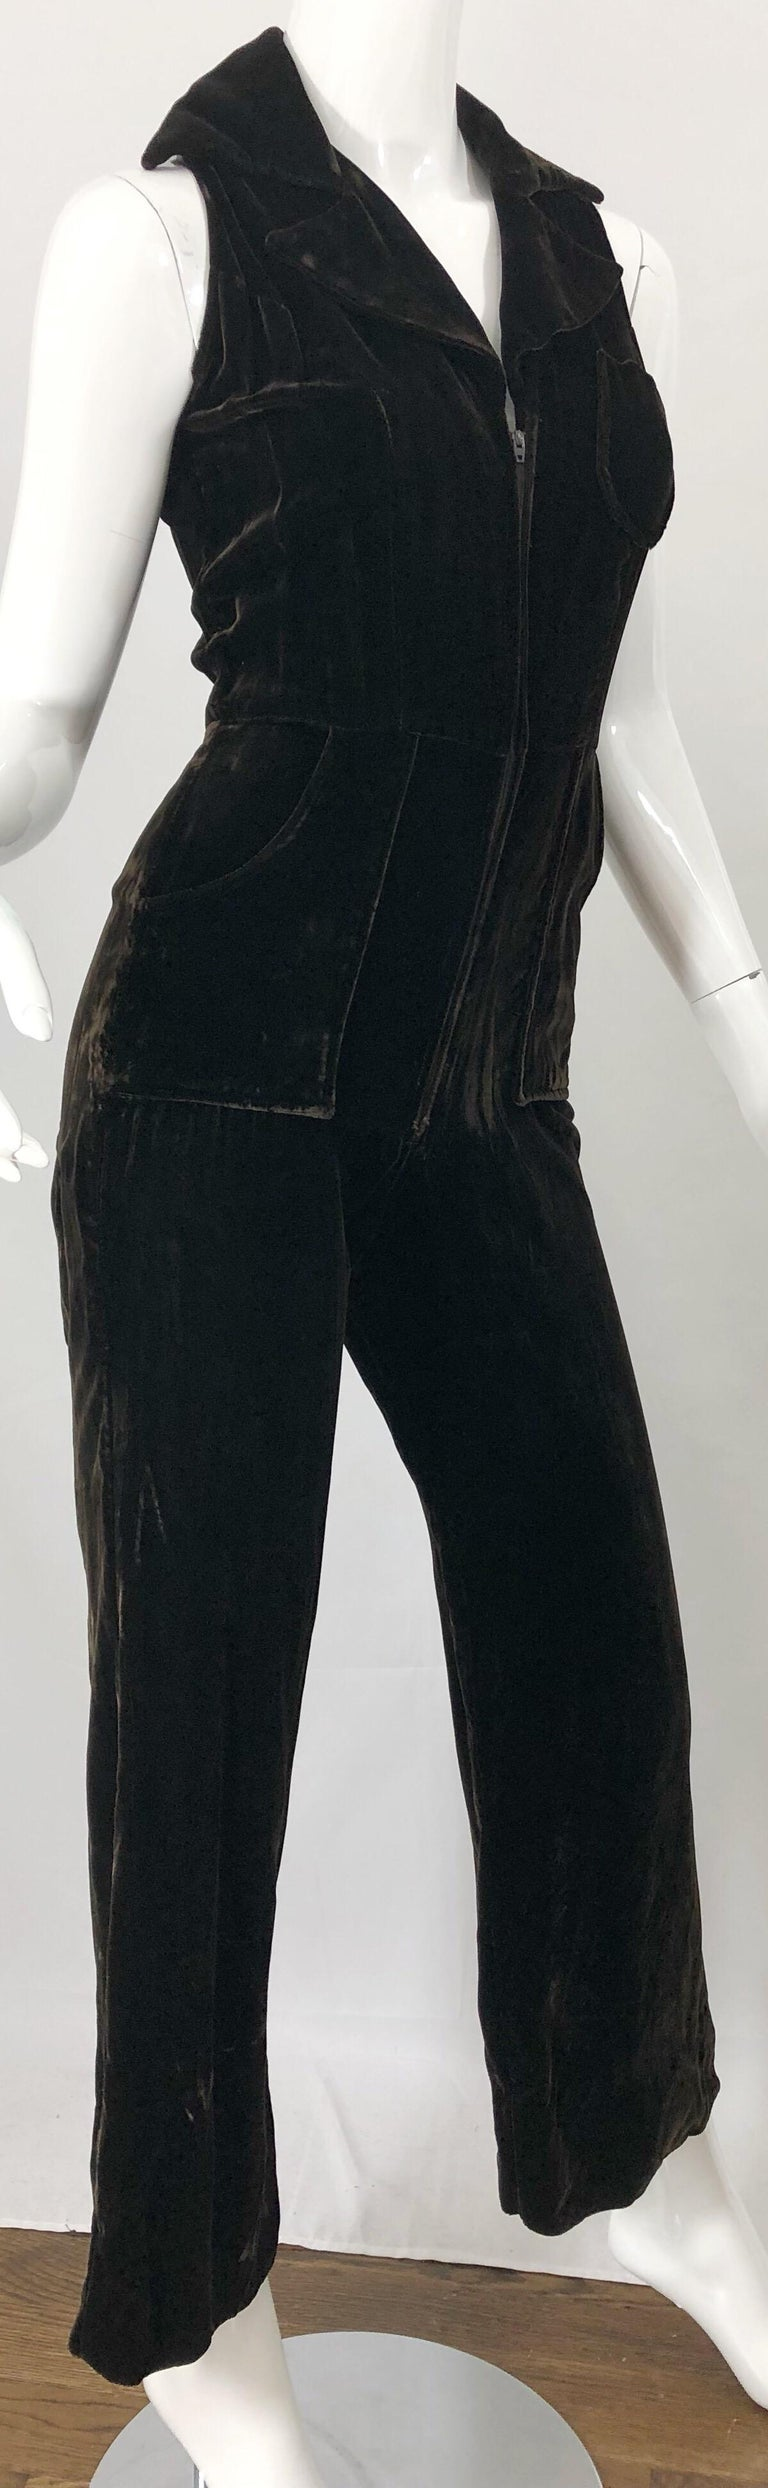 Women's 1970s Chocolate Brown Velvet Sleeveless Bell Bottom Wide Leg Vintage Jumpsuit  For Sale